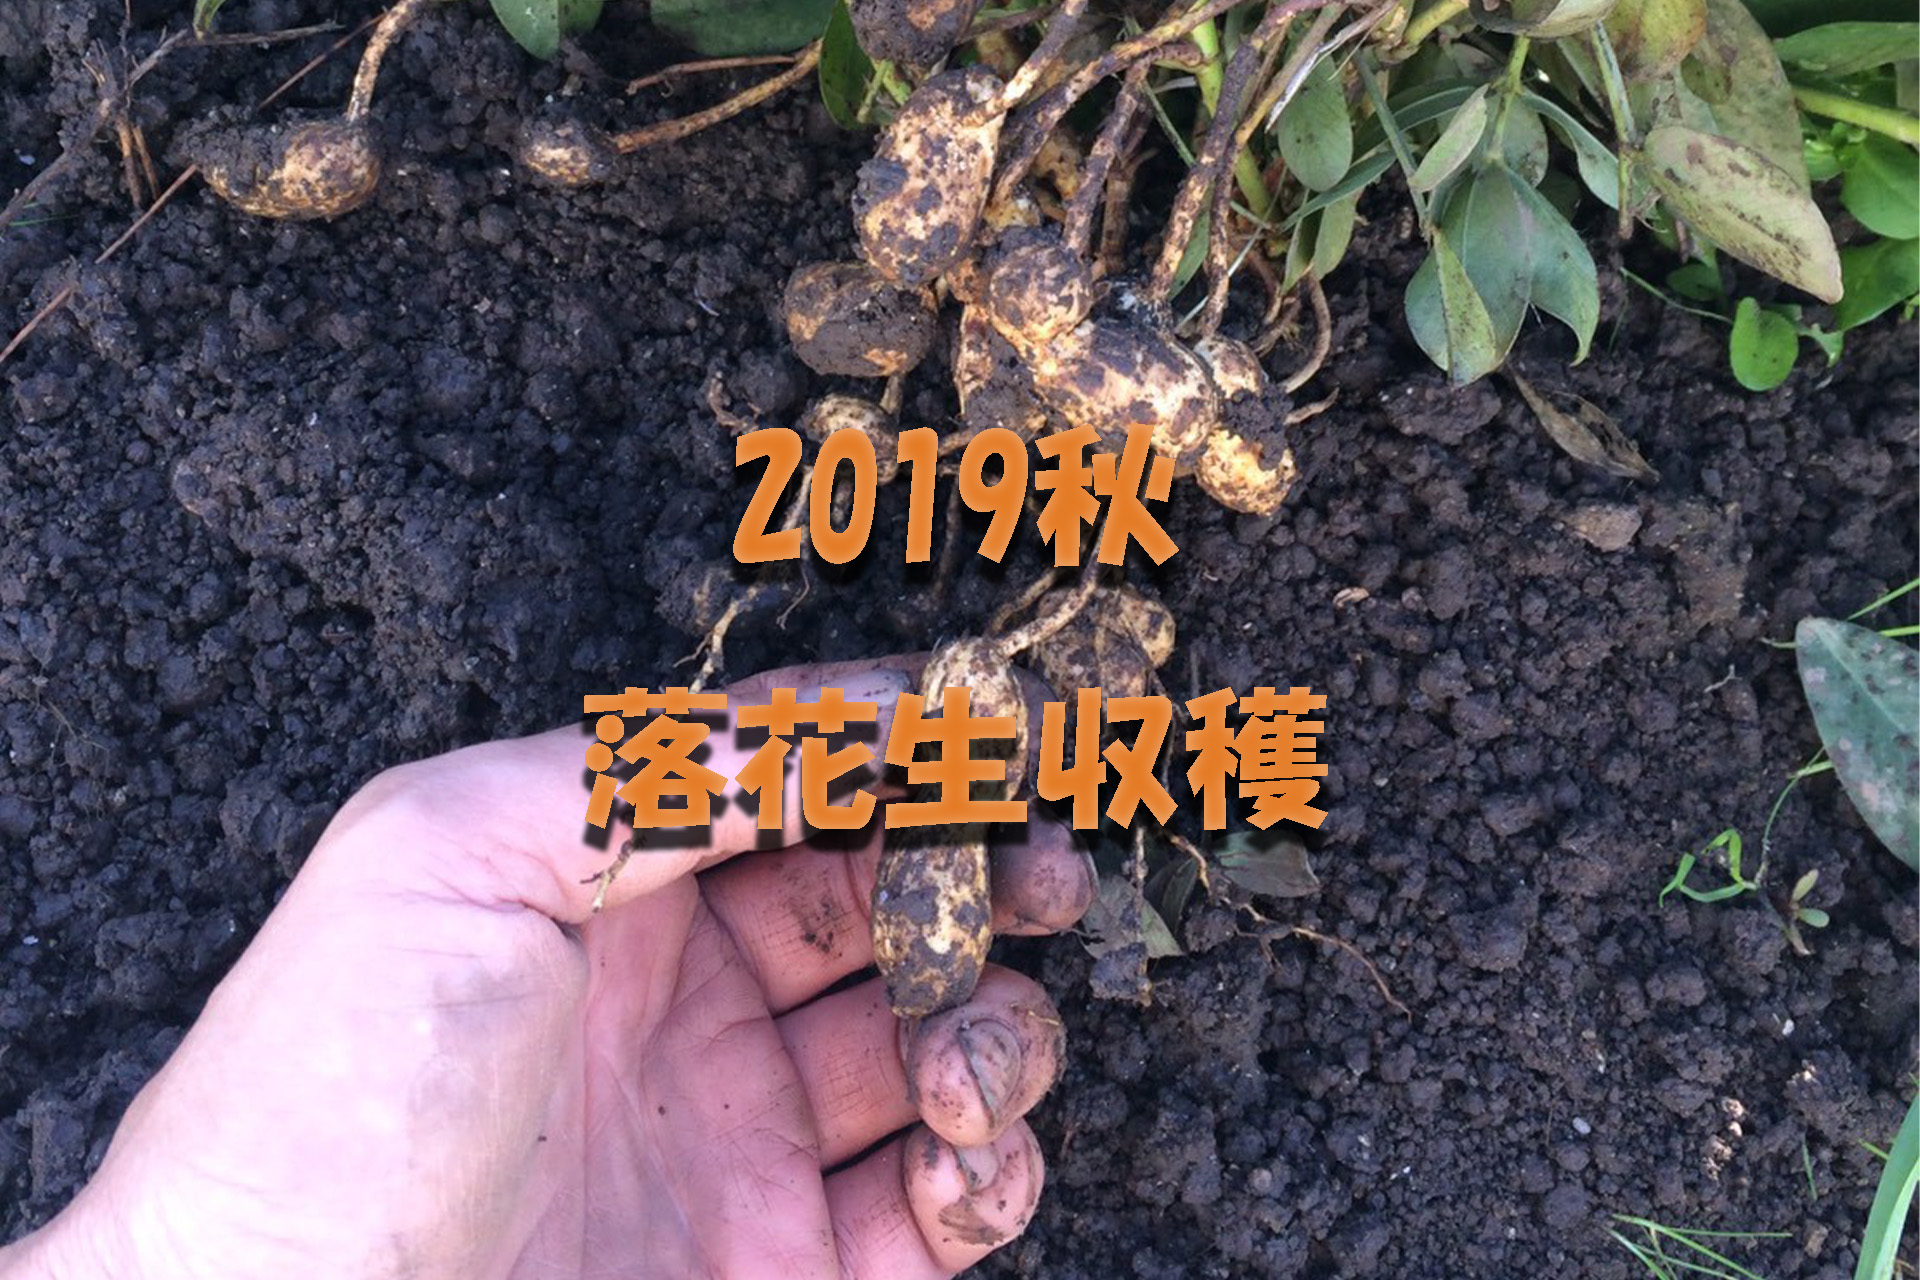 アイキャッチ画像_2019秋落花生収穫